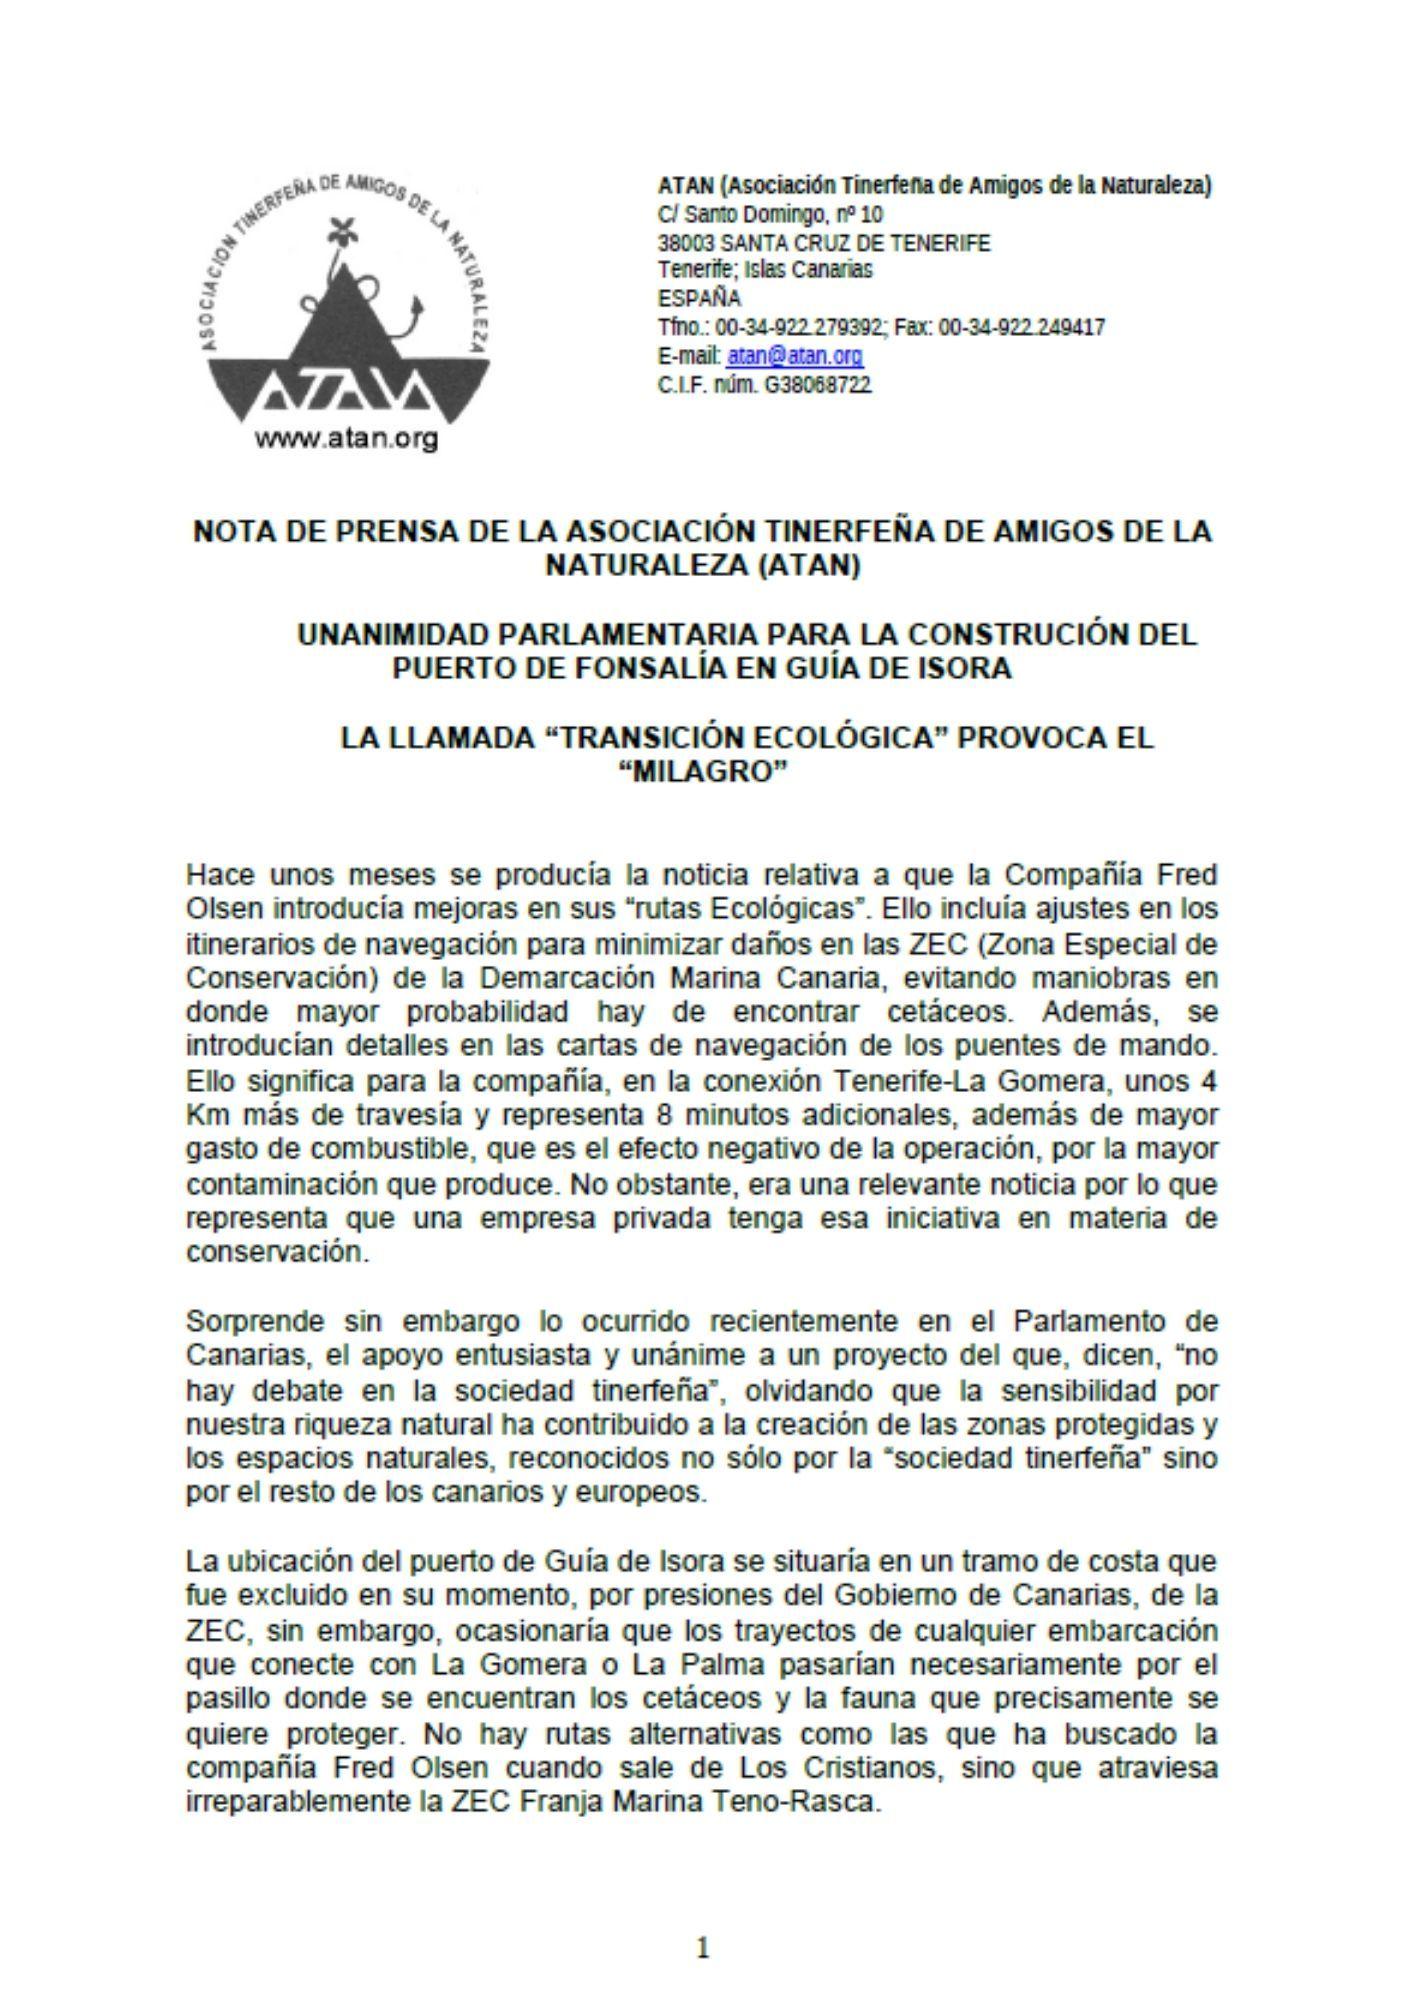 NOTA DE PRENSA UNIDAD POLÍTICA EN FAVOR DEL PUERTO DE FONSALIA (octubre de 2019)